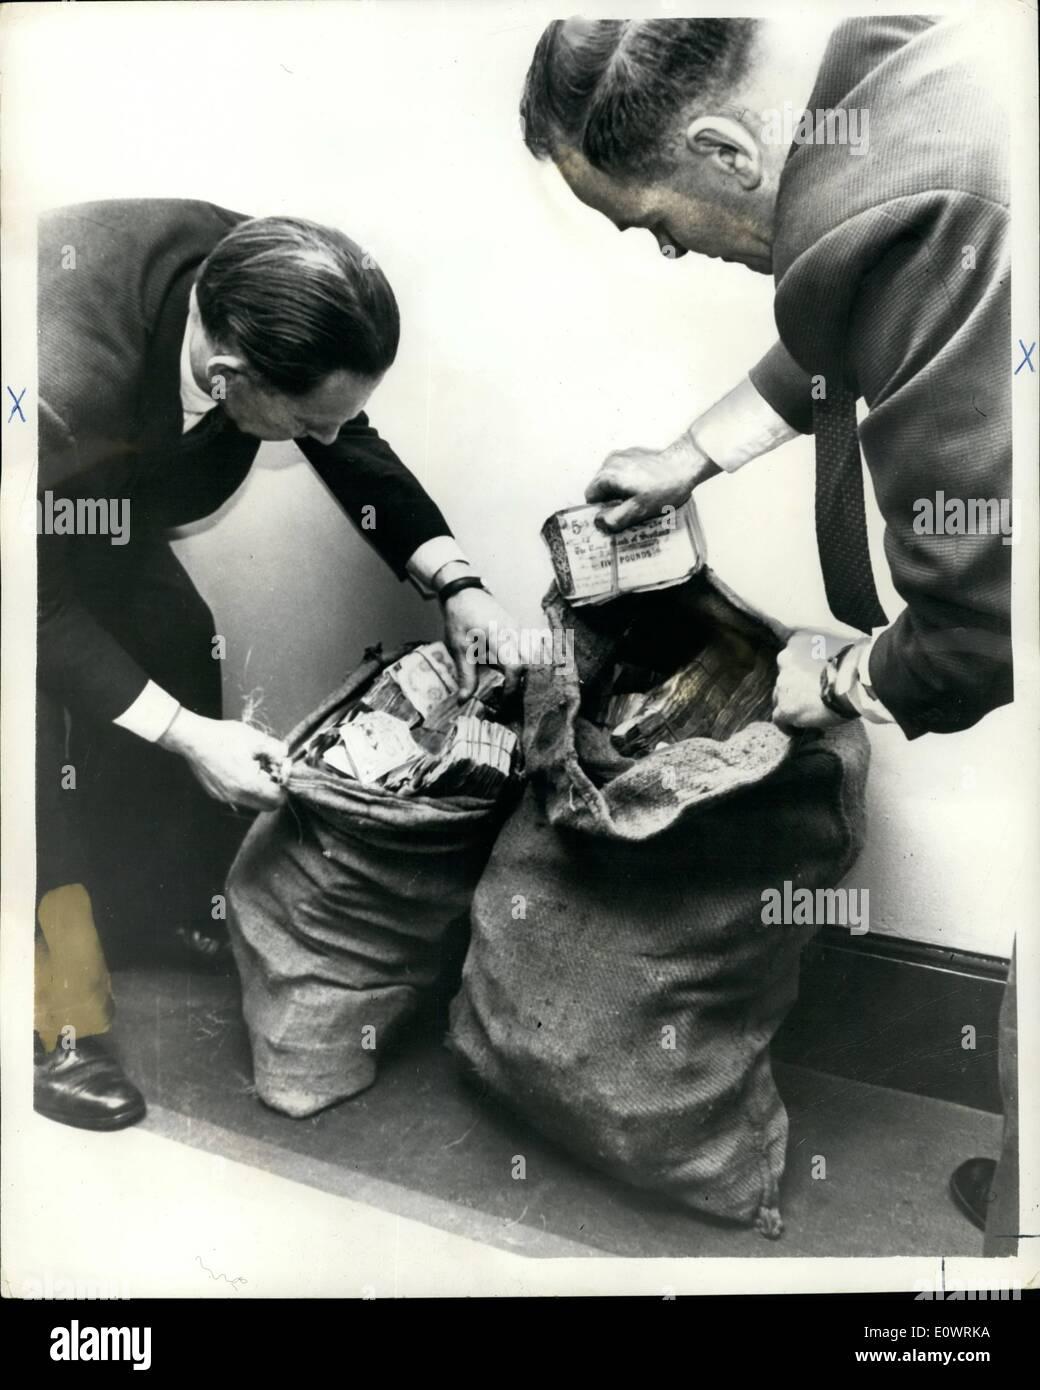 Il 12 Dic. 1963 - Treno rapina denaro trovato a Londra; due sporchi sacchi di patate contenente circa ~50.000 in ~5 e ~1 note rubati in la grande rapina in treno lo scorso agosto, sono stati trovati in un telefono nella parte sud di Londra dopo una chiamata telefonica di Scotland Yard. La foto mostra due detective controllando il denaro di Scotland Yard. (Da sinistra a destra) Det. Ispettore capo Syd Bradbury e Det. Inap Frank Williams. Foto Stock